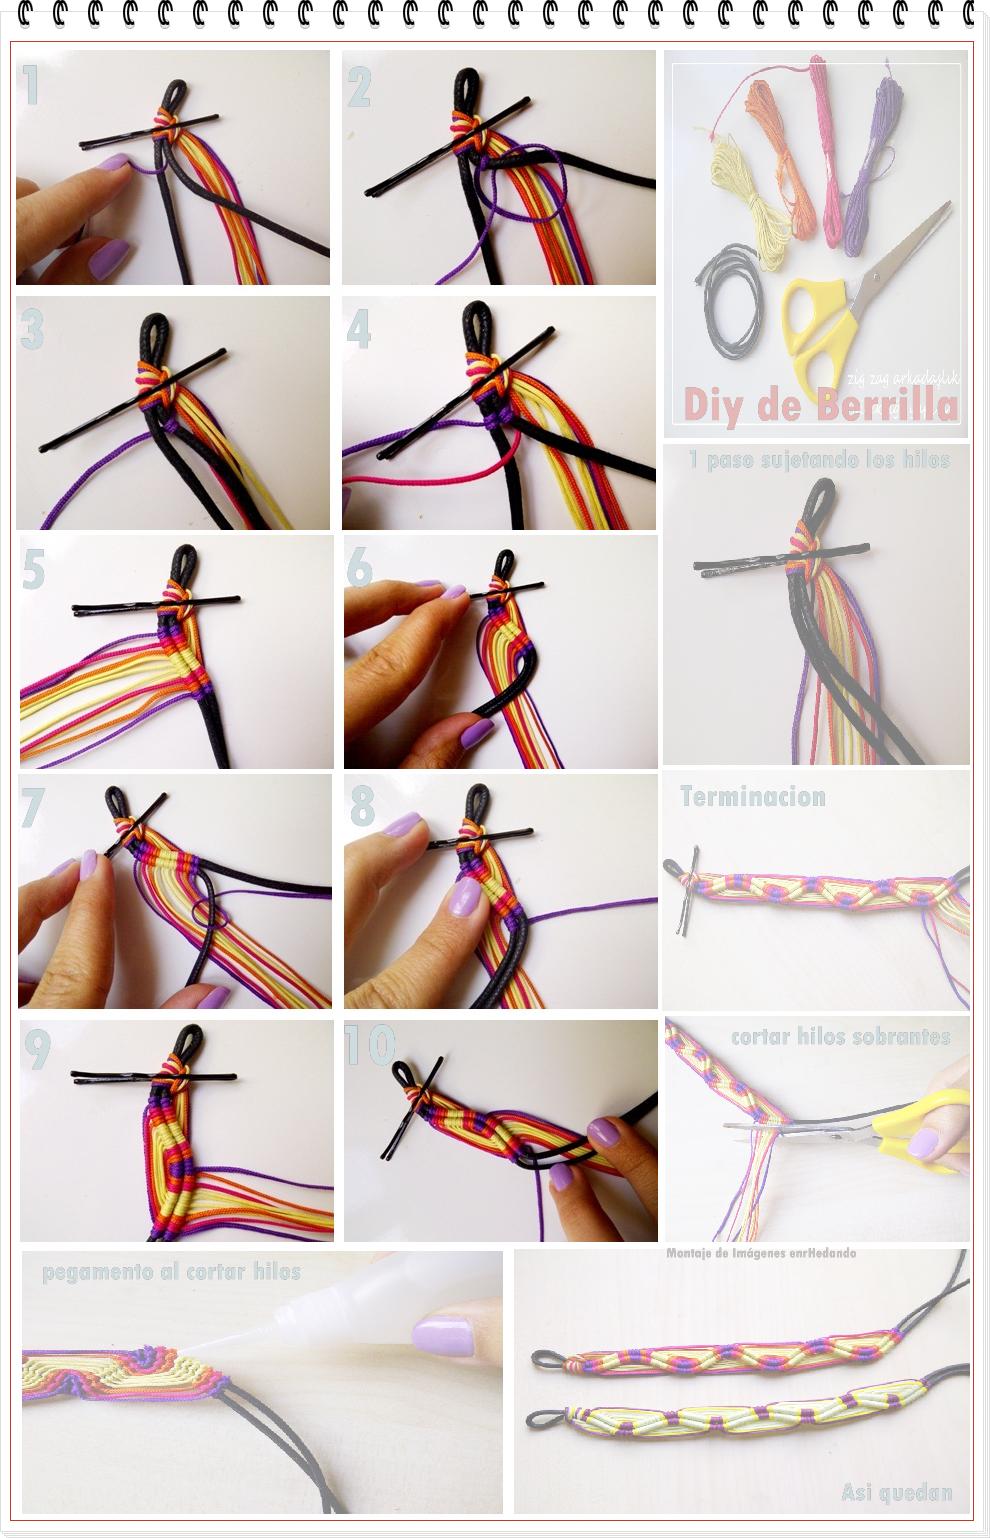 Como hacer 2 Pulseras de Hilos con Ondas u Olas en Relieve 3D Tutorial en Imagenes